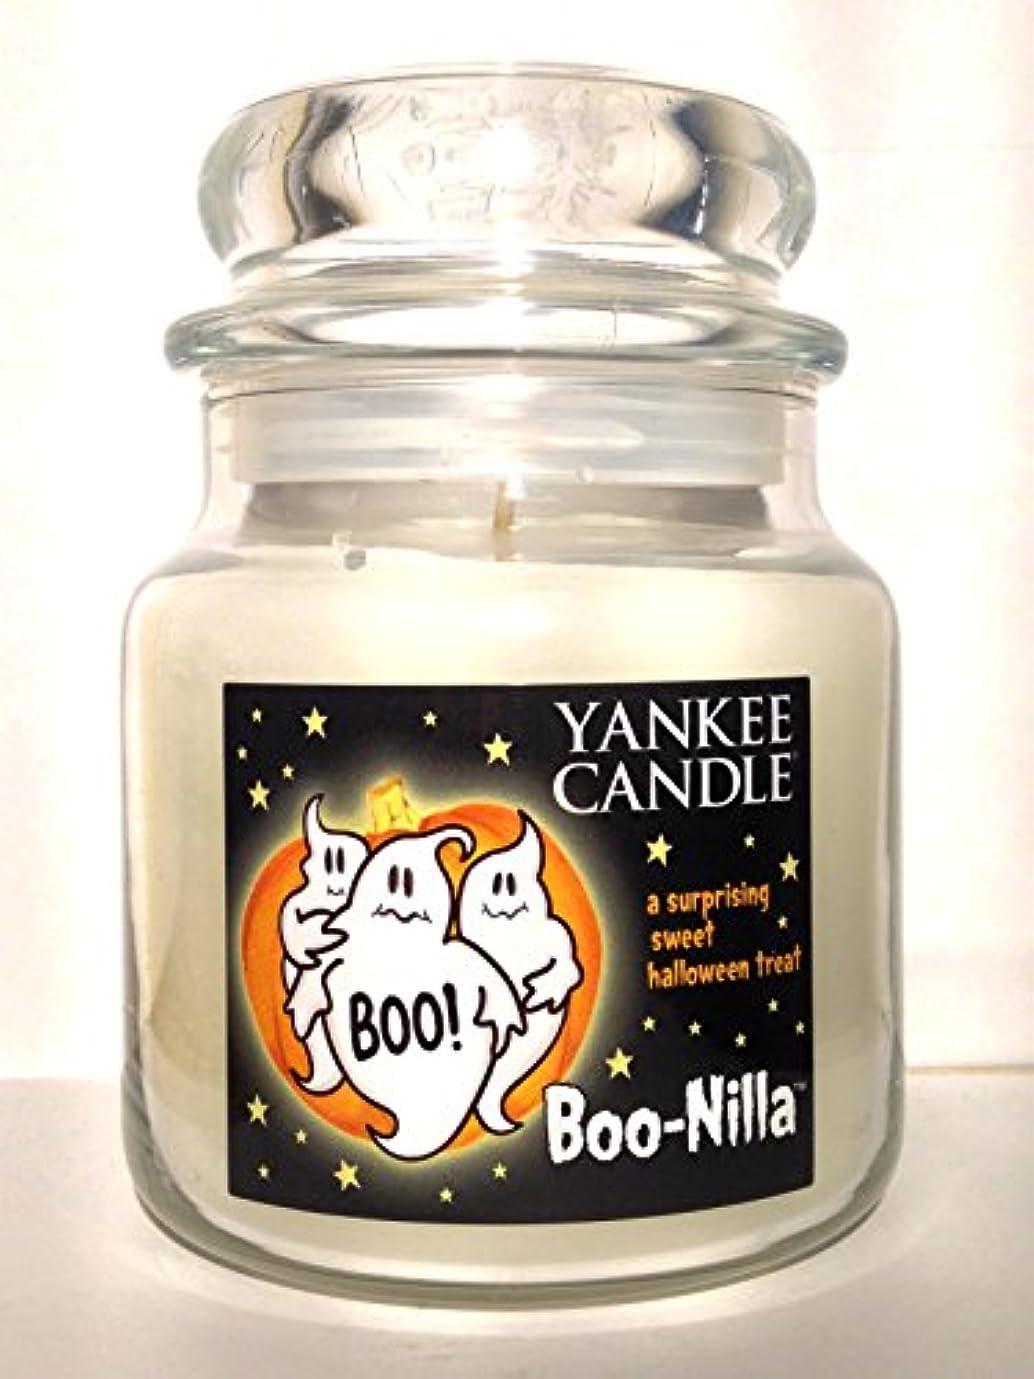 娘損なうカートリッジYankee Candle boo-nilla Boonilla Vanilla Marshmallow香りHalloween Candle